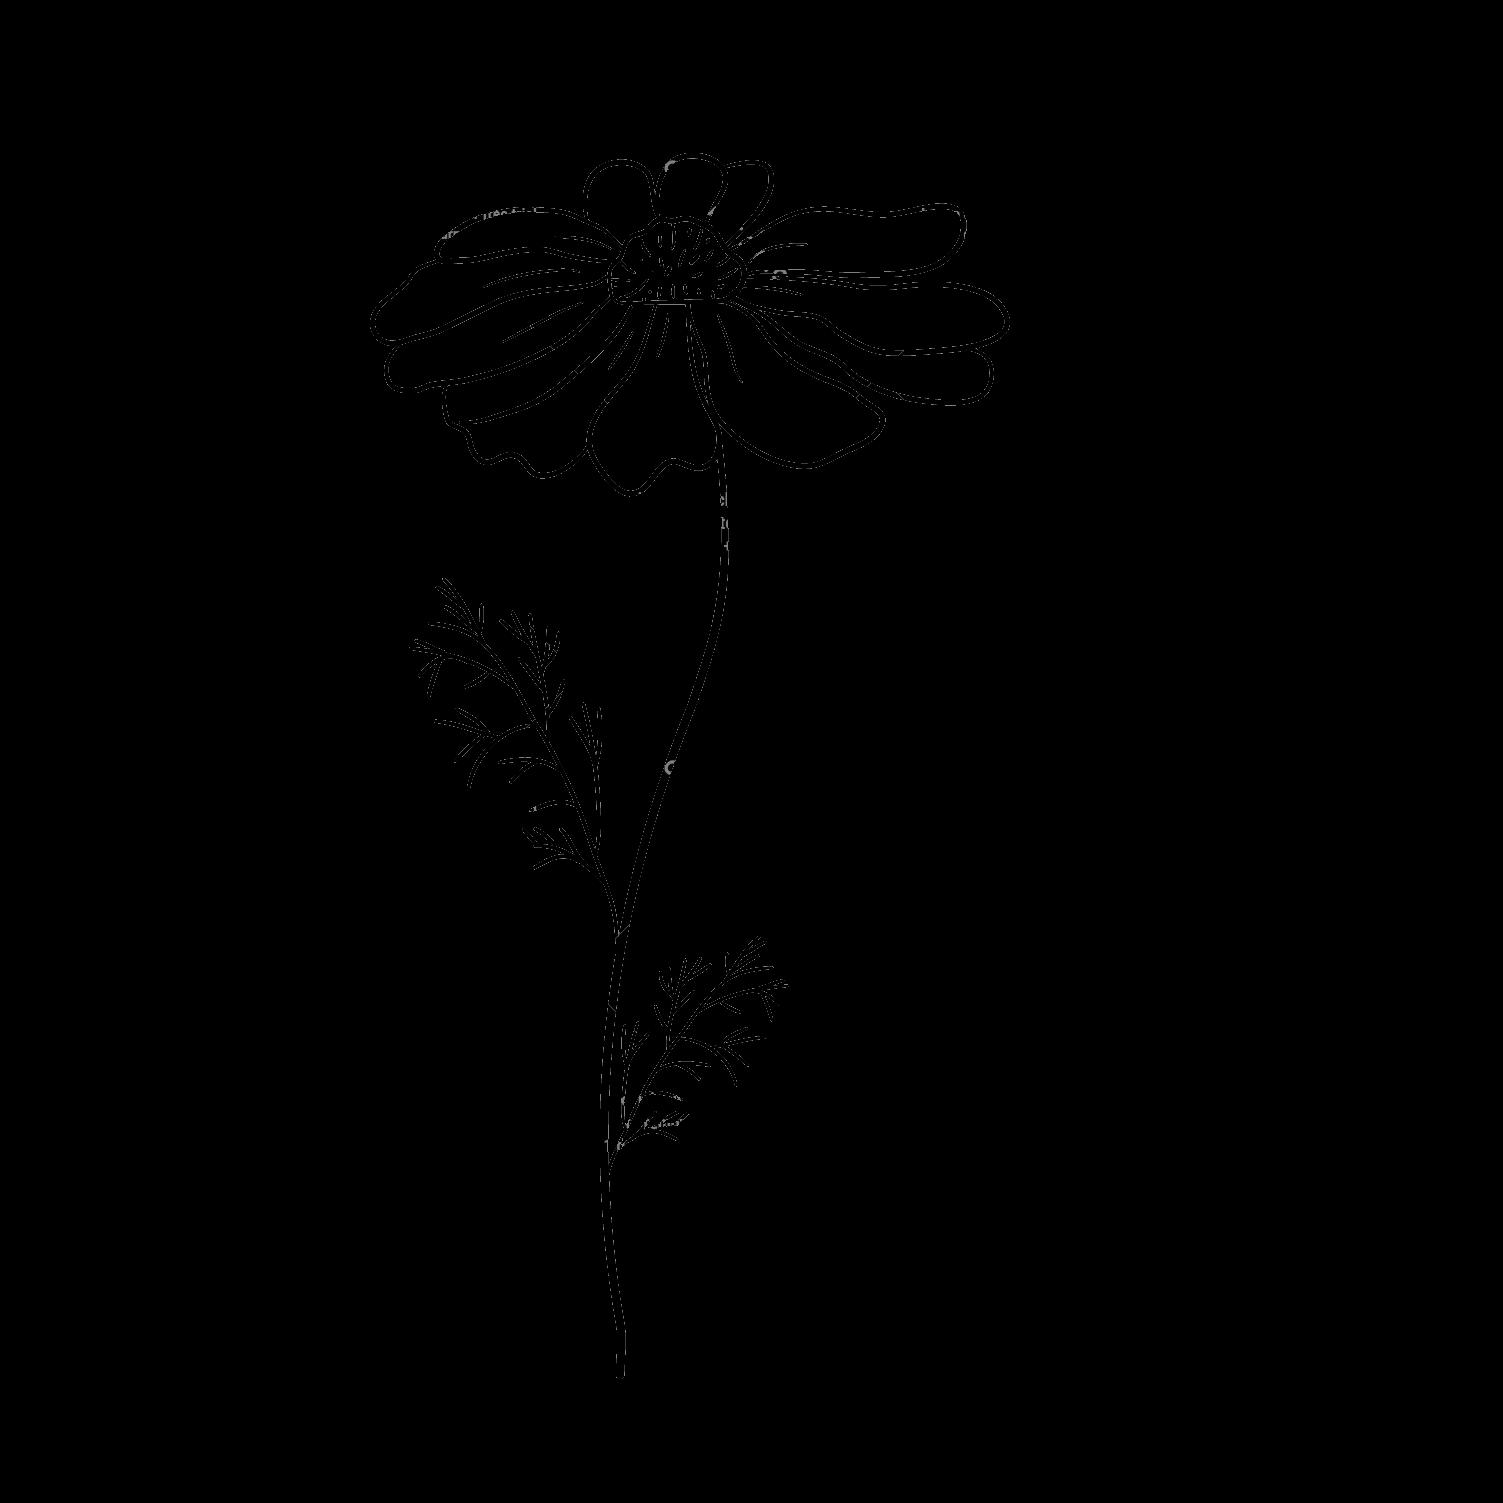 flower grid 9